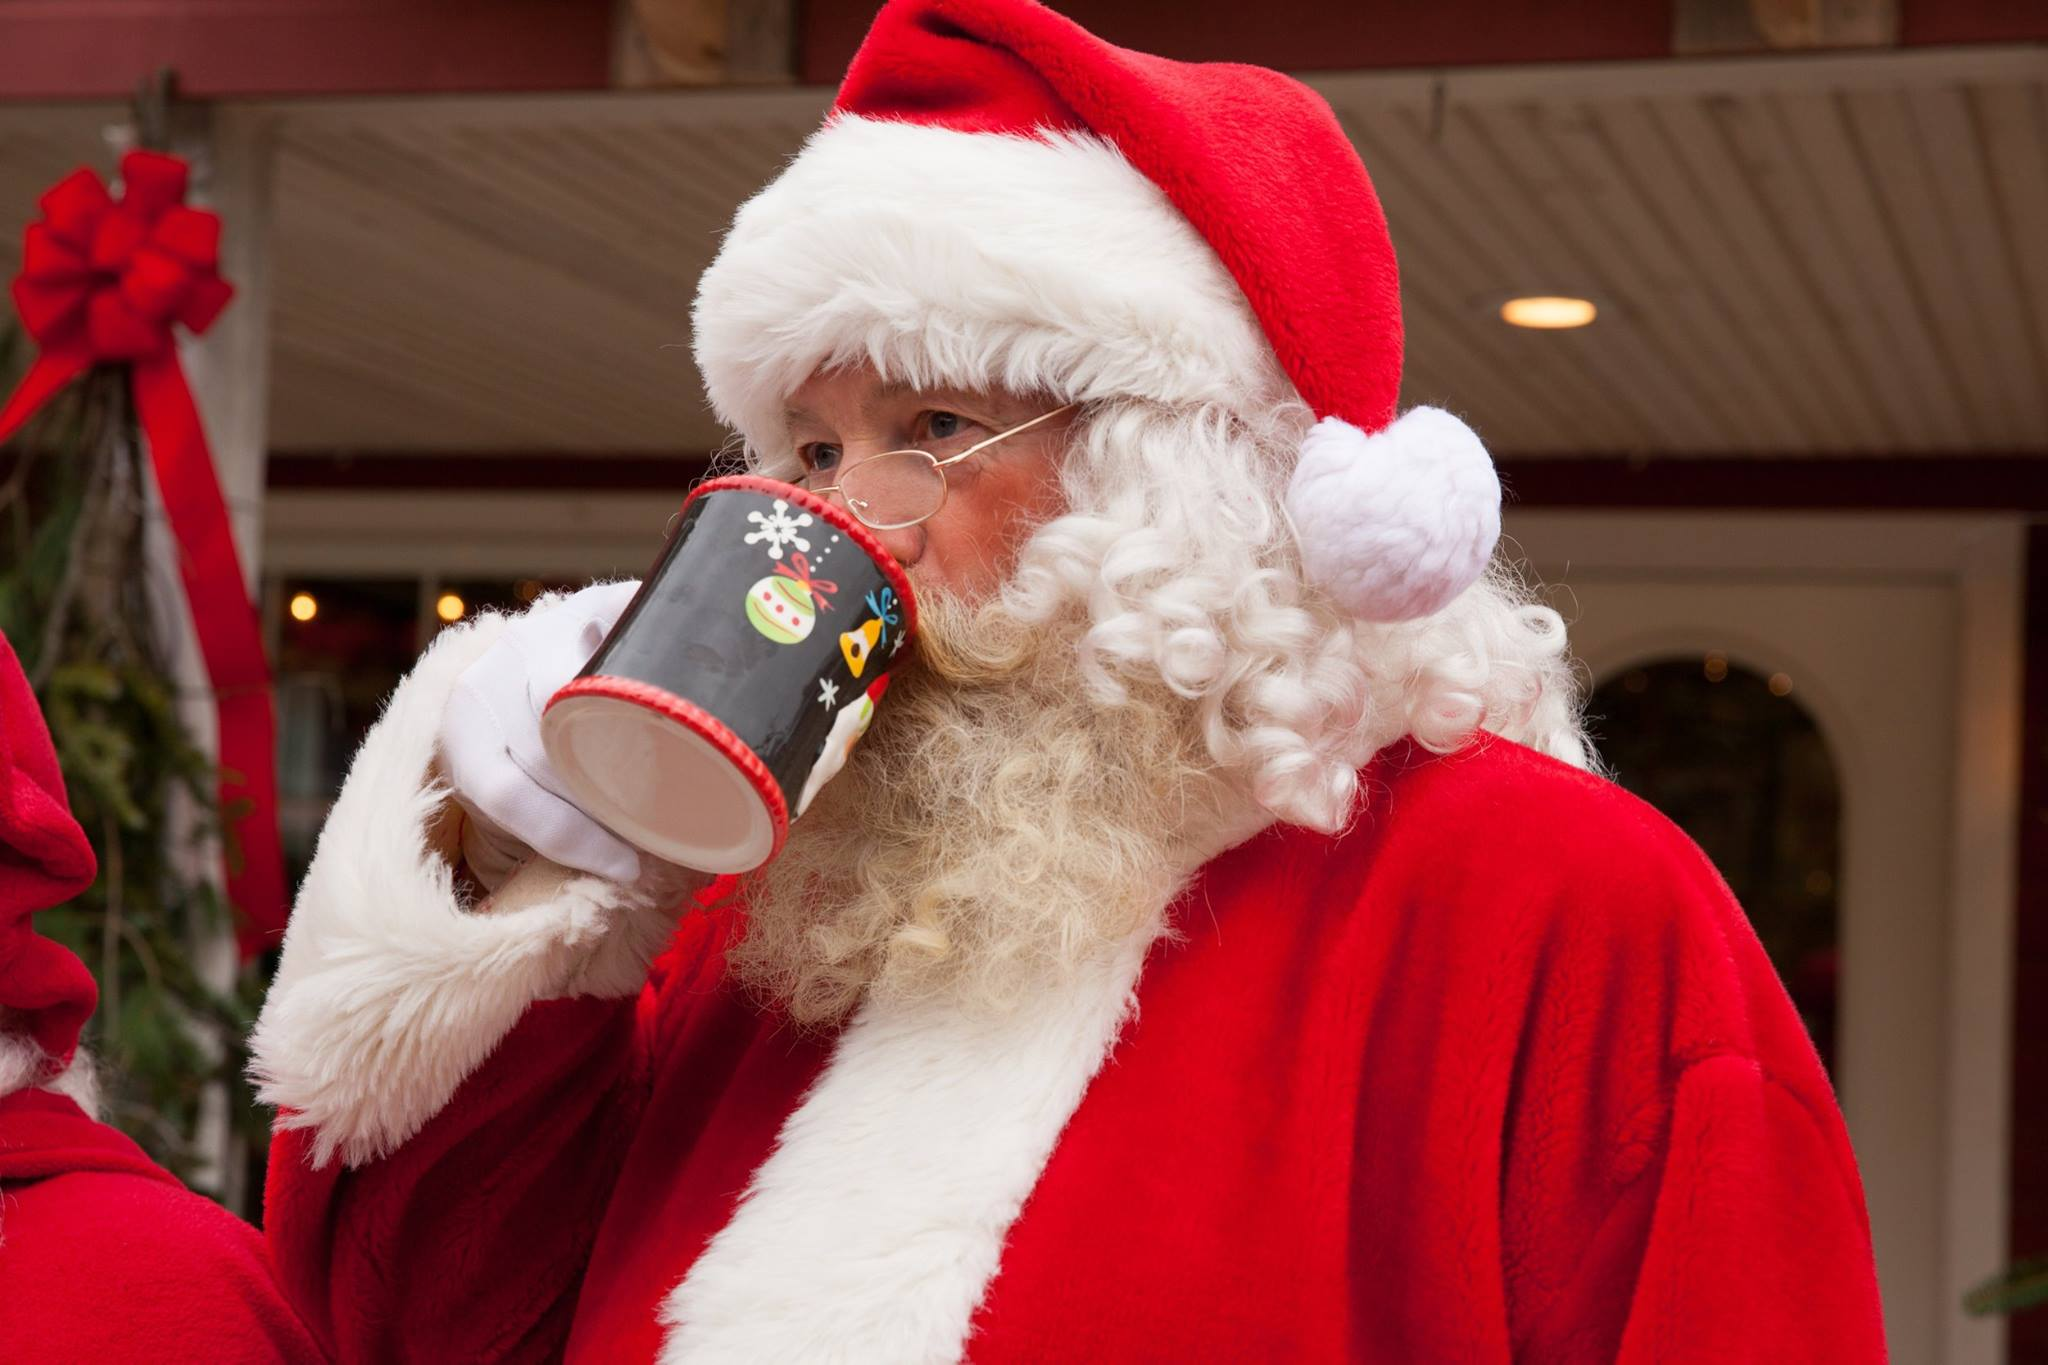 Santa Claus at the Eats Barn